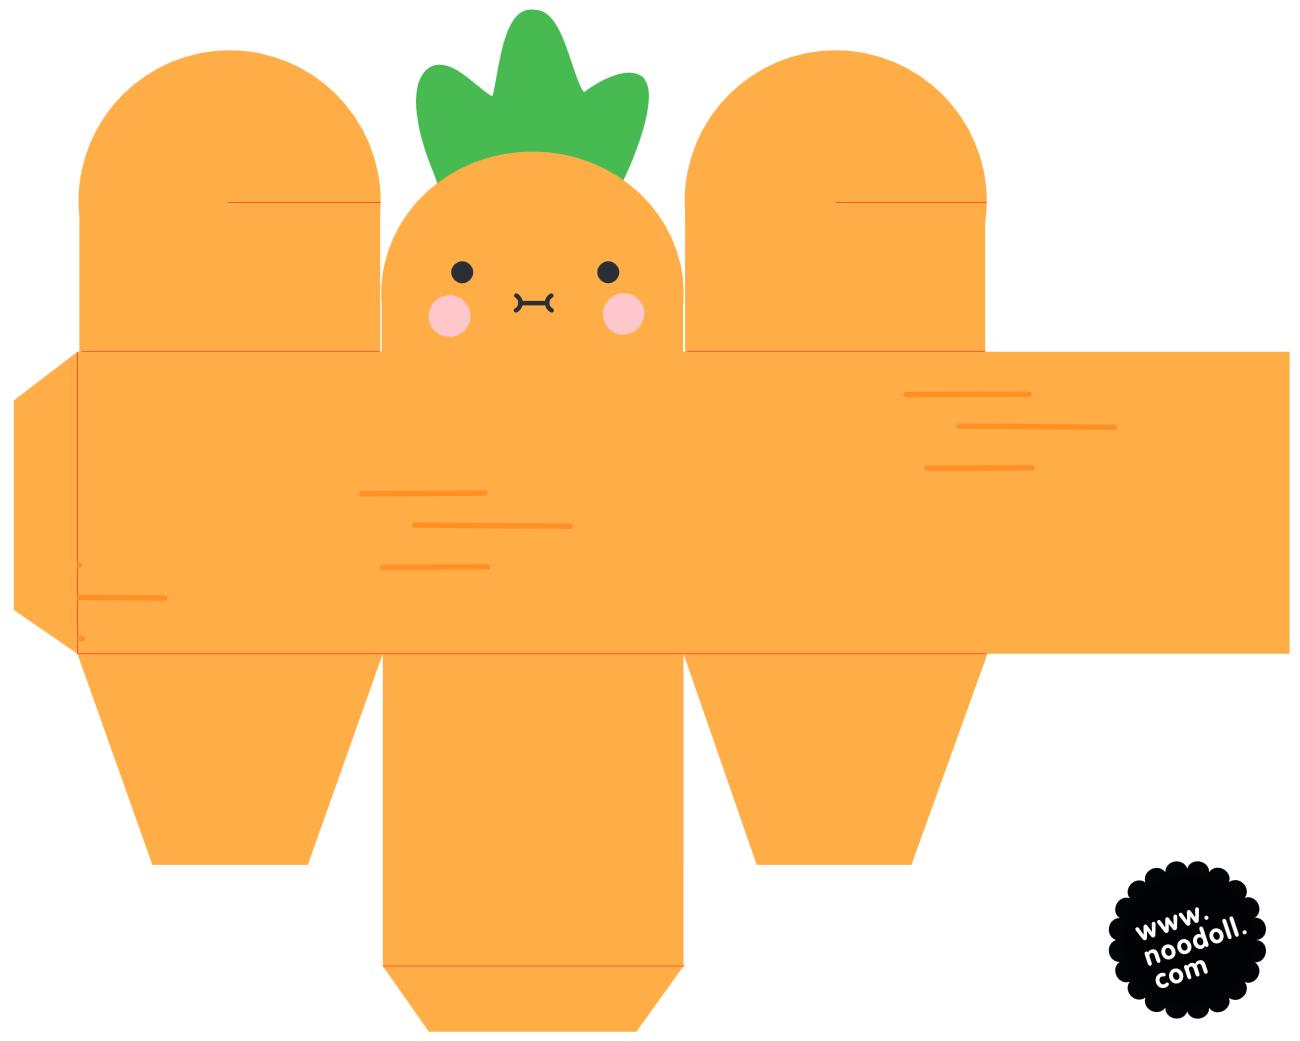 Zanahoria Kawaii Manualidades De Pascua Para Ninos Hacer Cajas De Regalo Moldes Cajas De Regalo Kawaii es la palabra que se utiliza en japón como adjetivo para describir algo bonito, tierno o lindo. pinterest